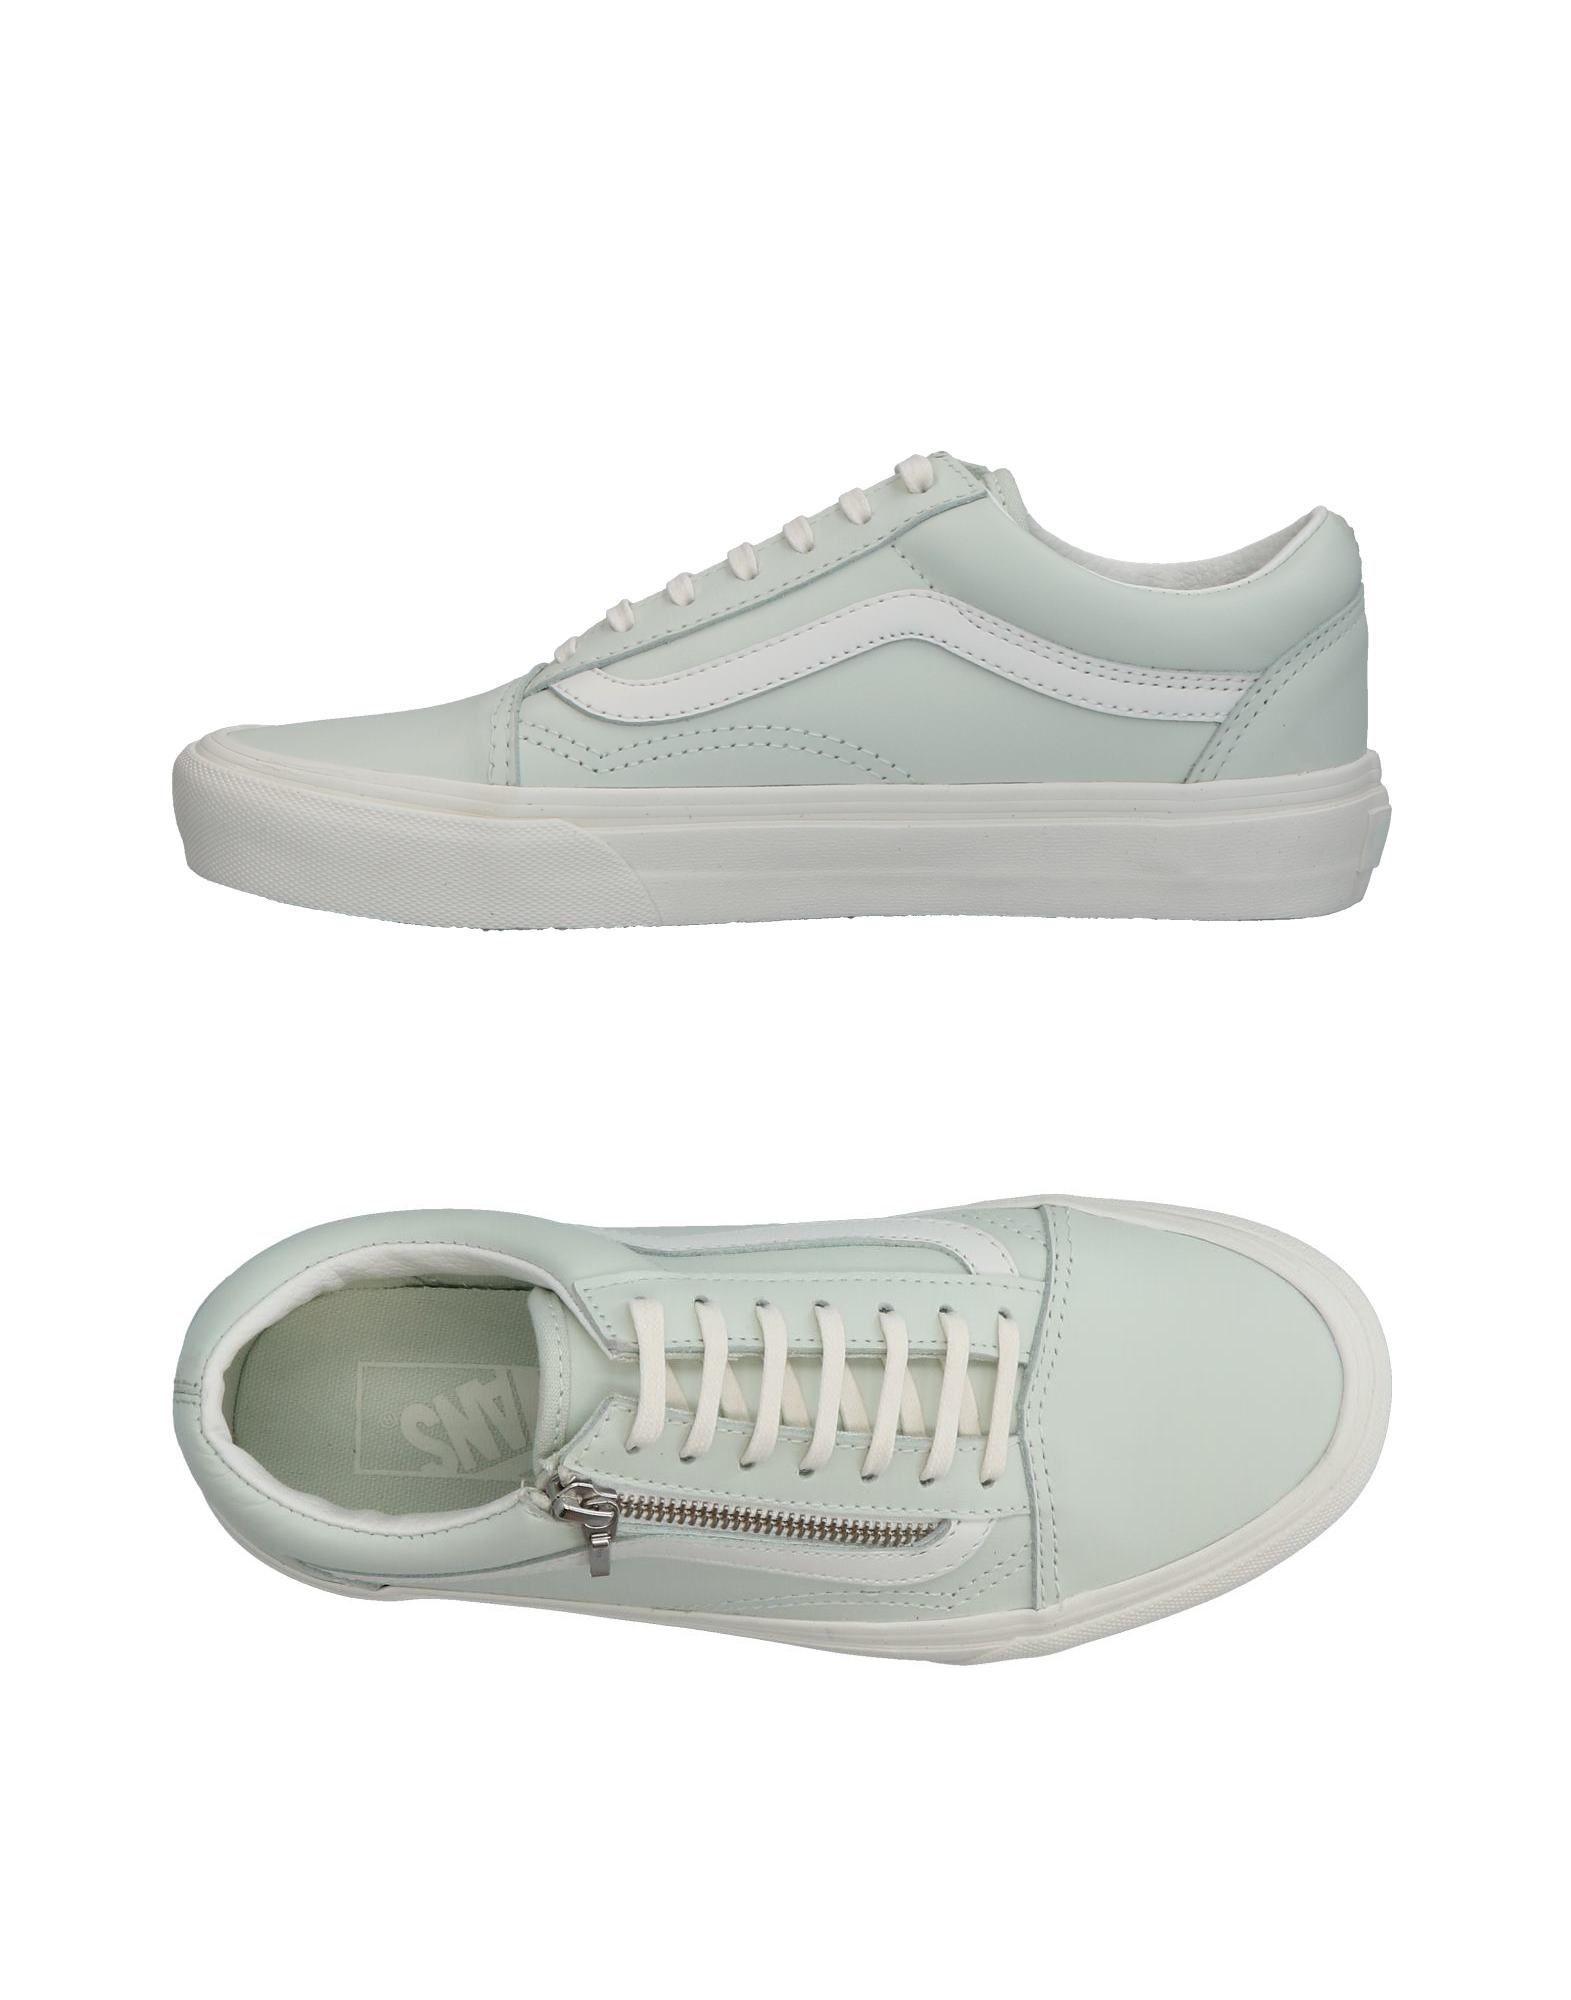 Vans Sneakers Damen  11354332UJ Gute Qualität beliebte Schuhe